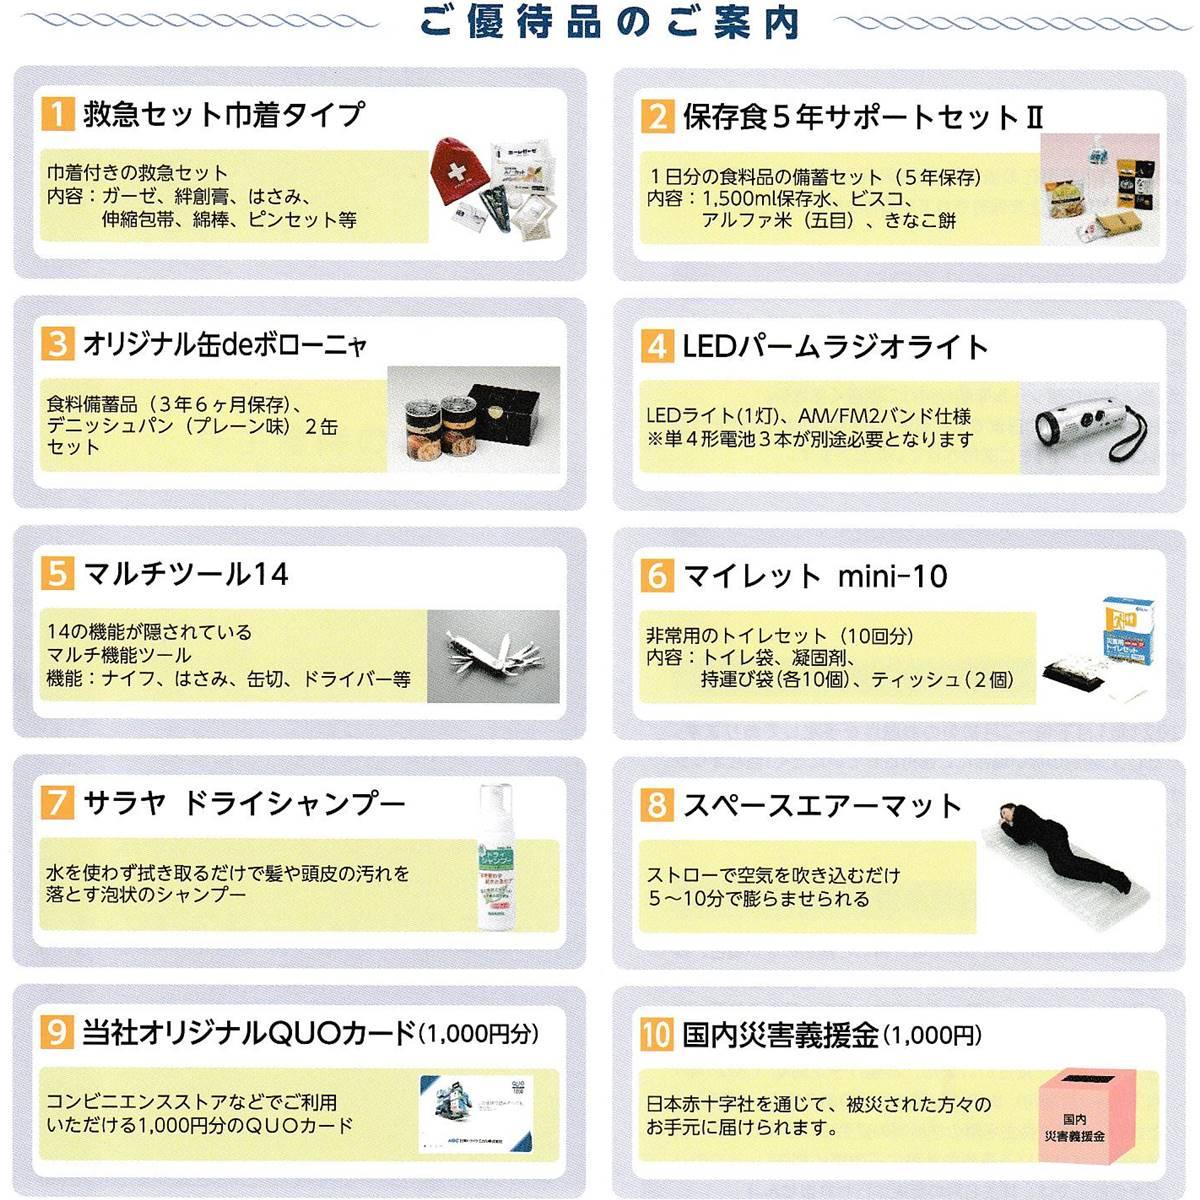 日本ドライケミカル(1909)の到着した株主優待の案内(株主優待カタログ)